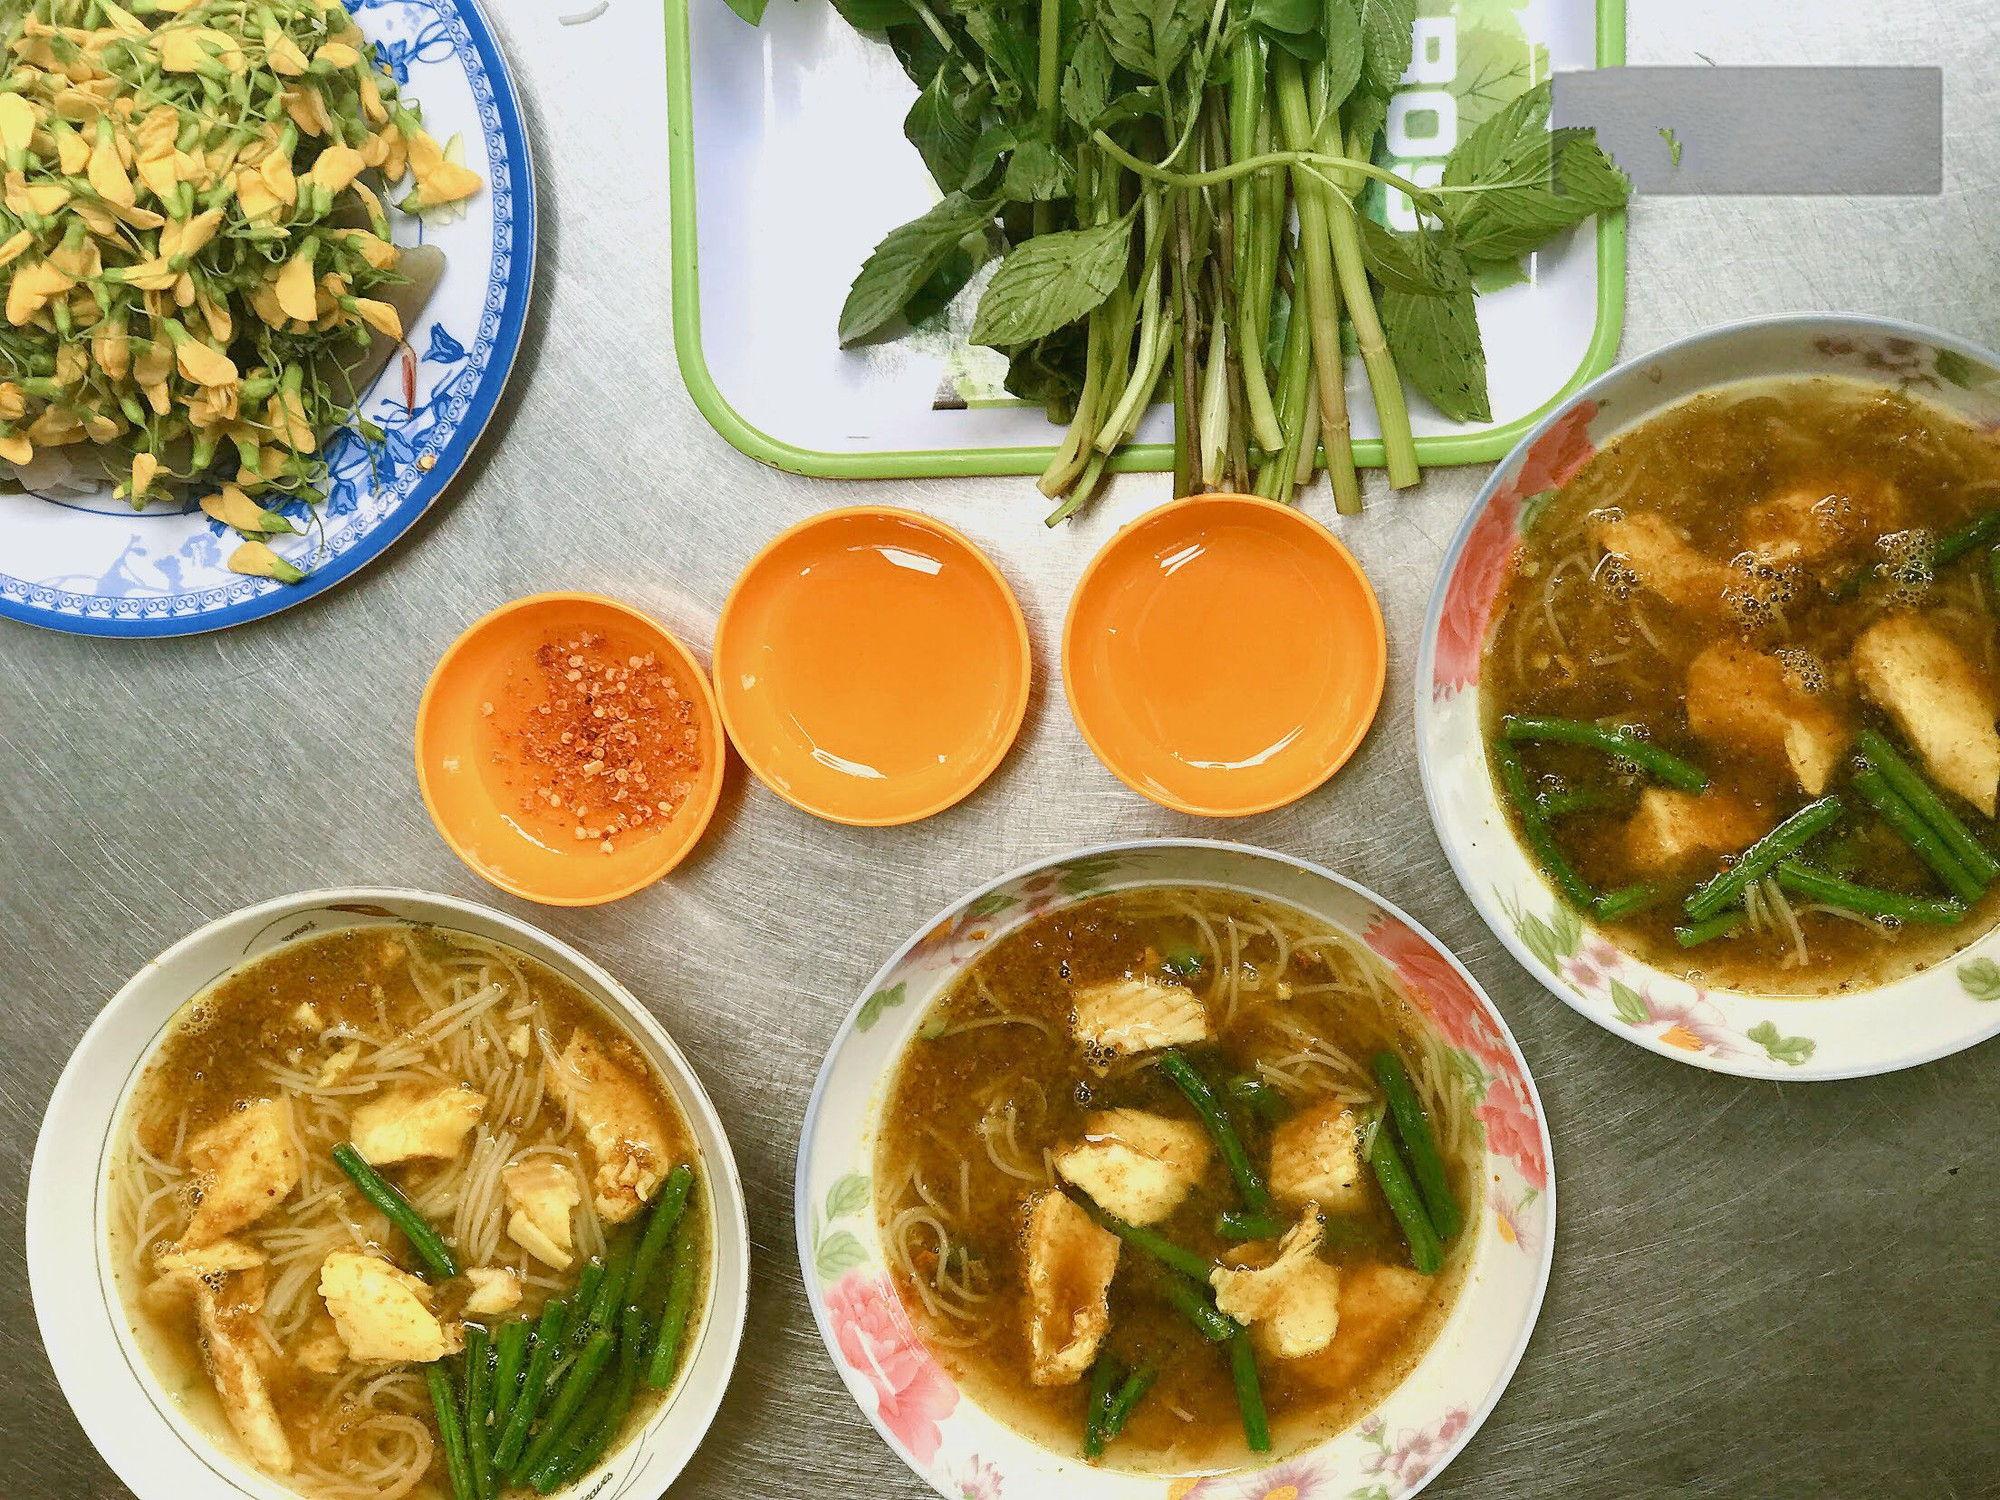 Top 5 Khu Chợ Ở Sài Gòn Được Mệnh Danh Là Thiên Đường Ẩm Thực 13